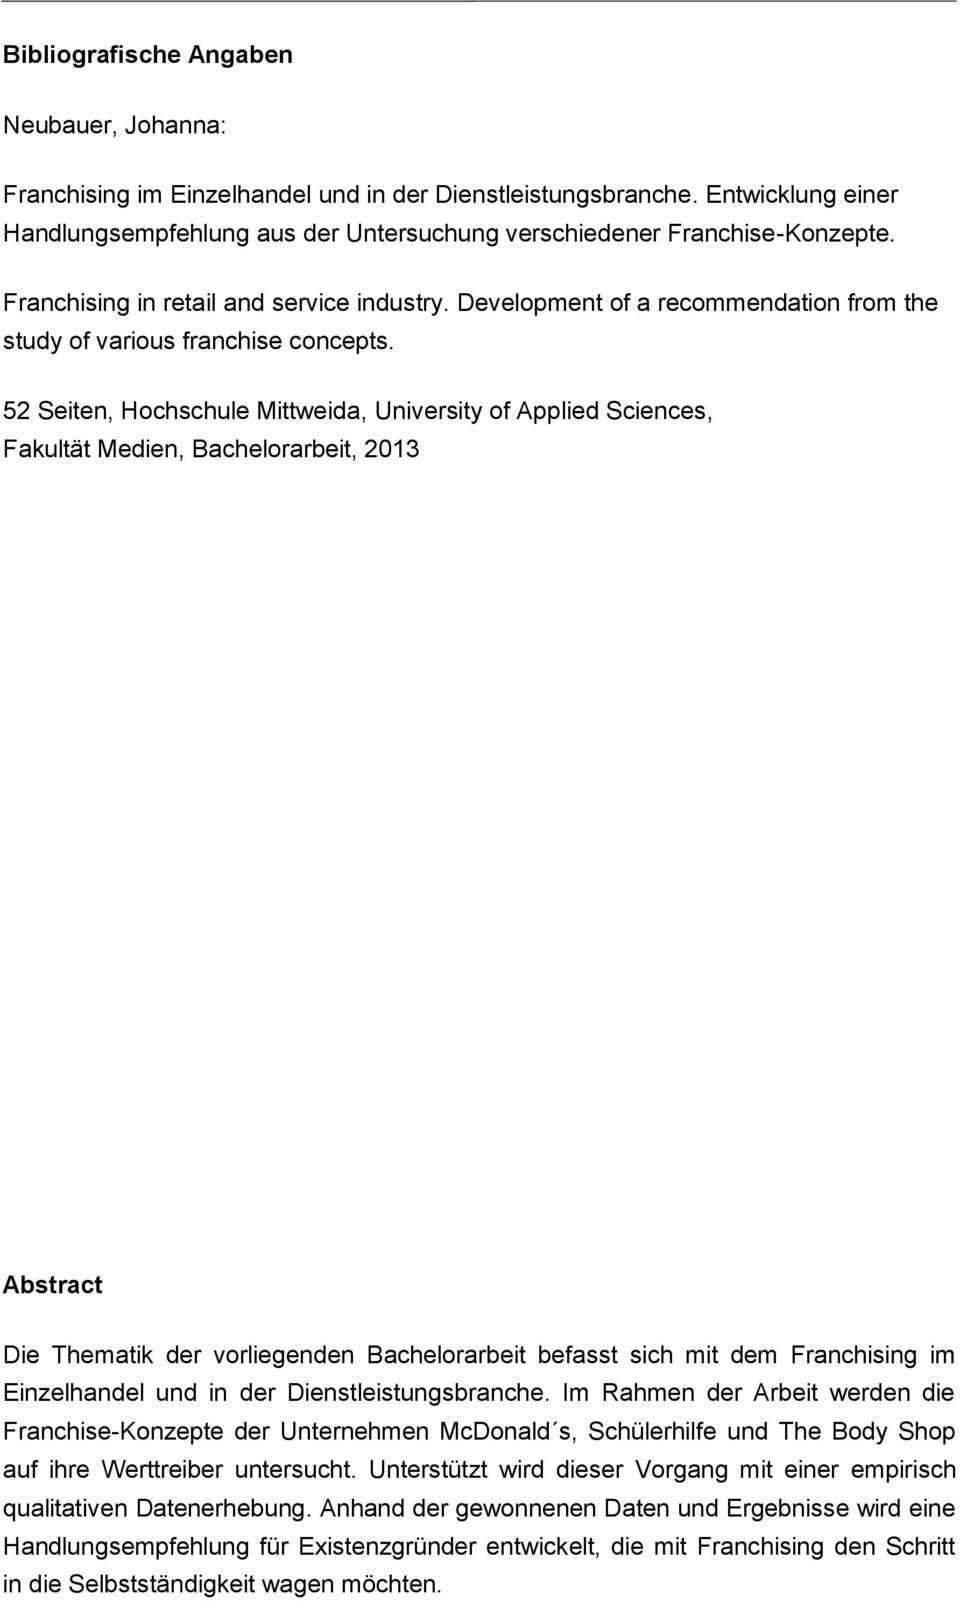 Bachelorarbeit Franchising Im Einzelhandel Und In Der Dienstleistungsbranche Pdf Free Download